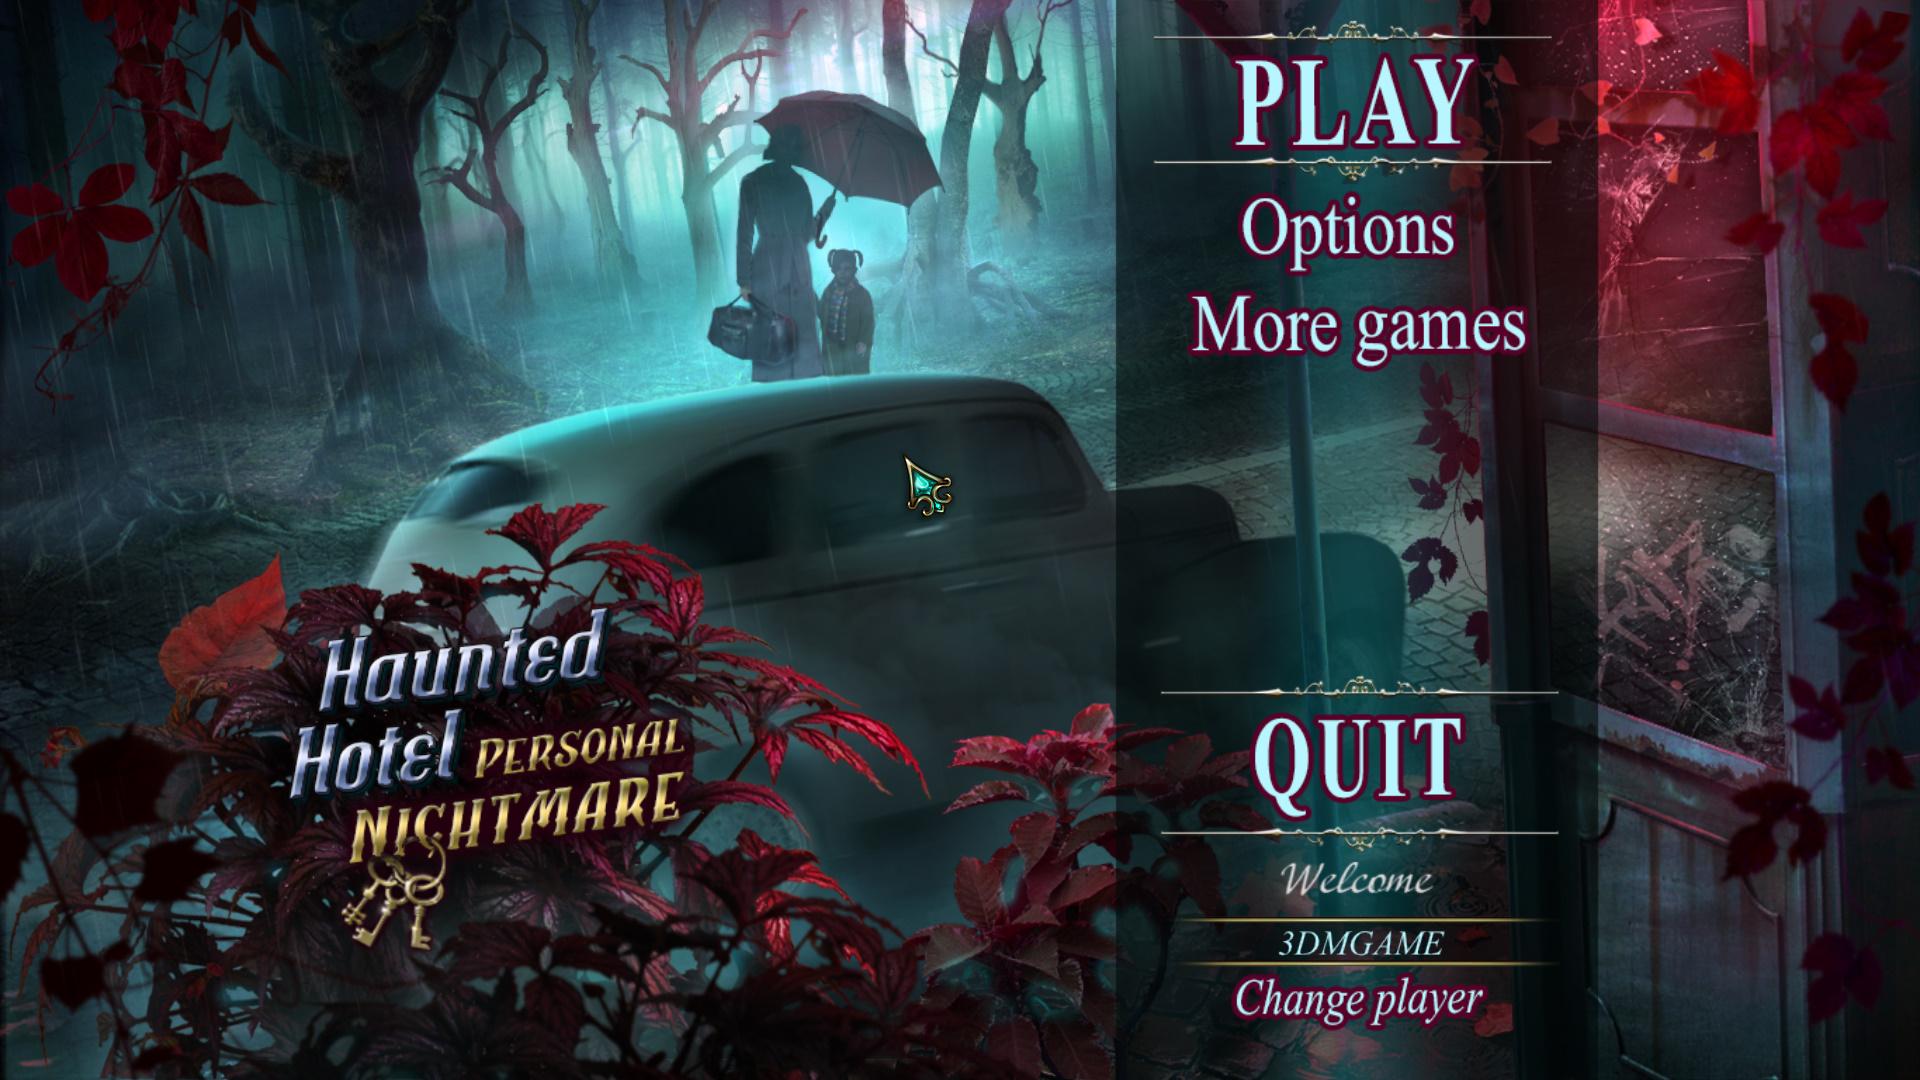 幽魂旅馆14:私人梦魇 游戏截图